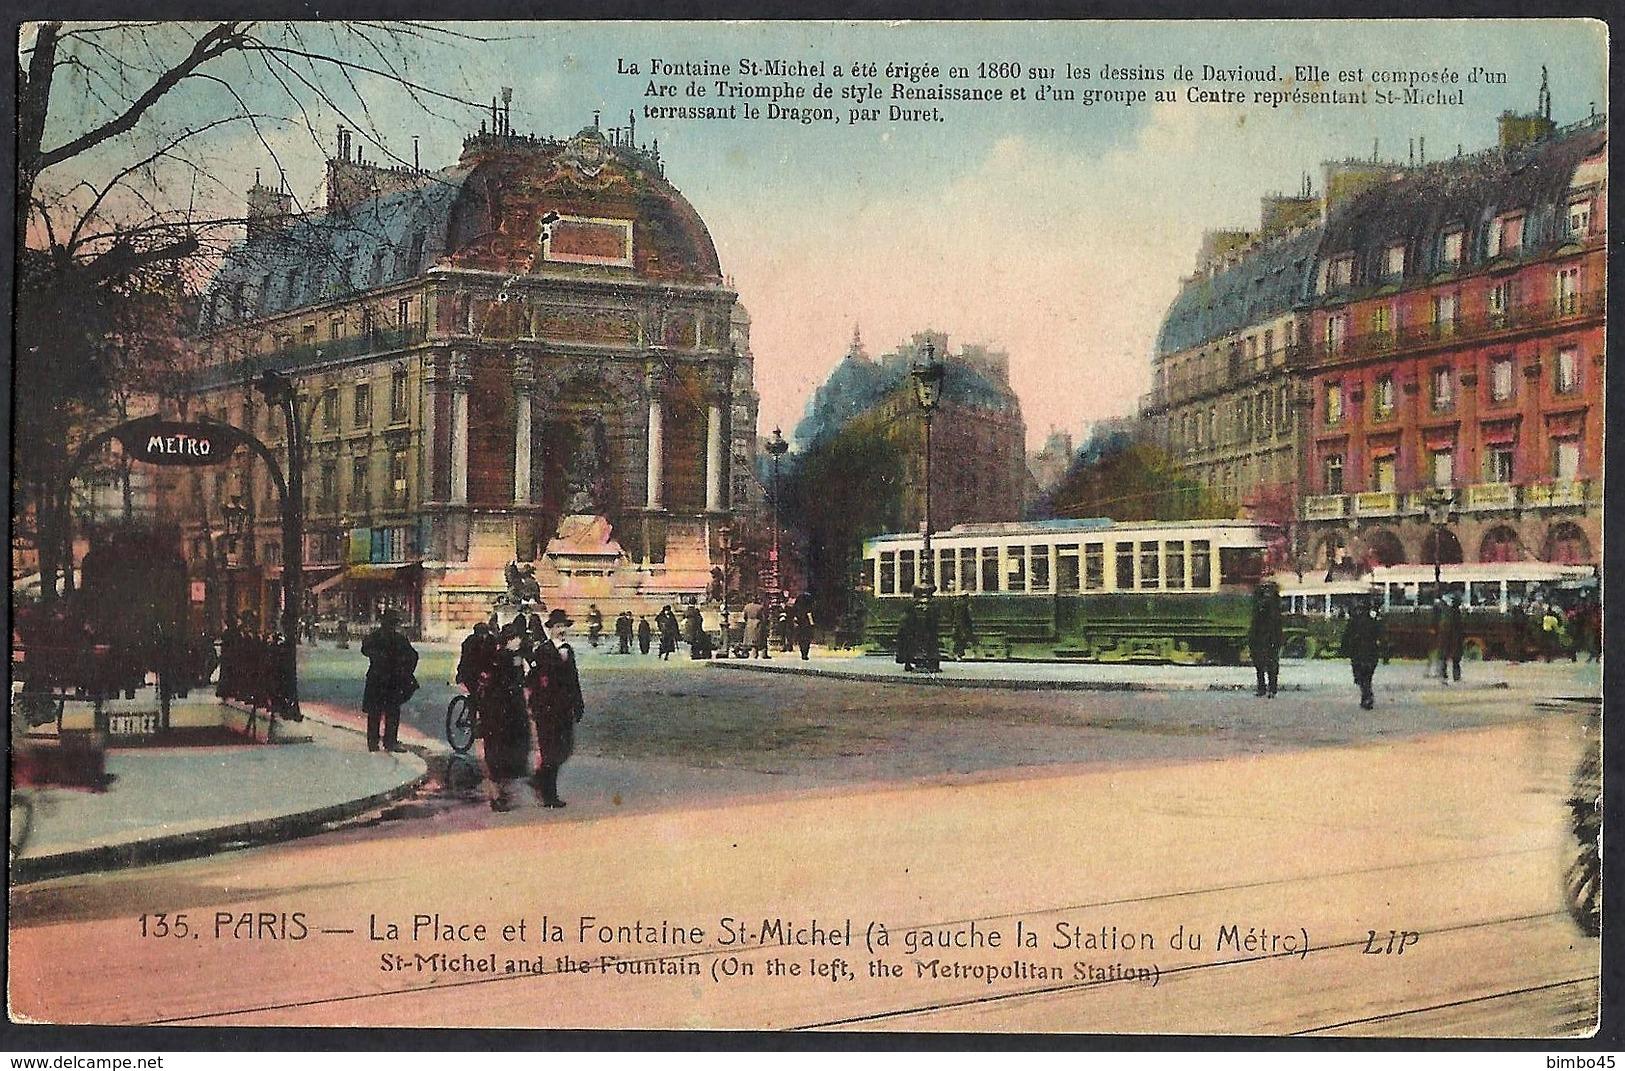 CPA-FRANCE-Paris -La Place Et La Fontaine St-Michel-a Gauche La Station Du Metro-- Belles Couleurs - Transport Urbain En Surface